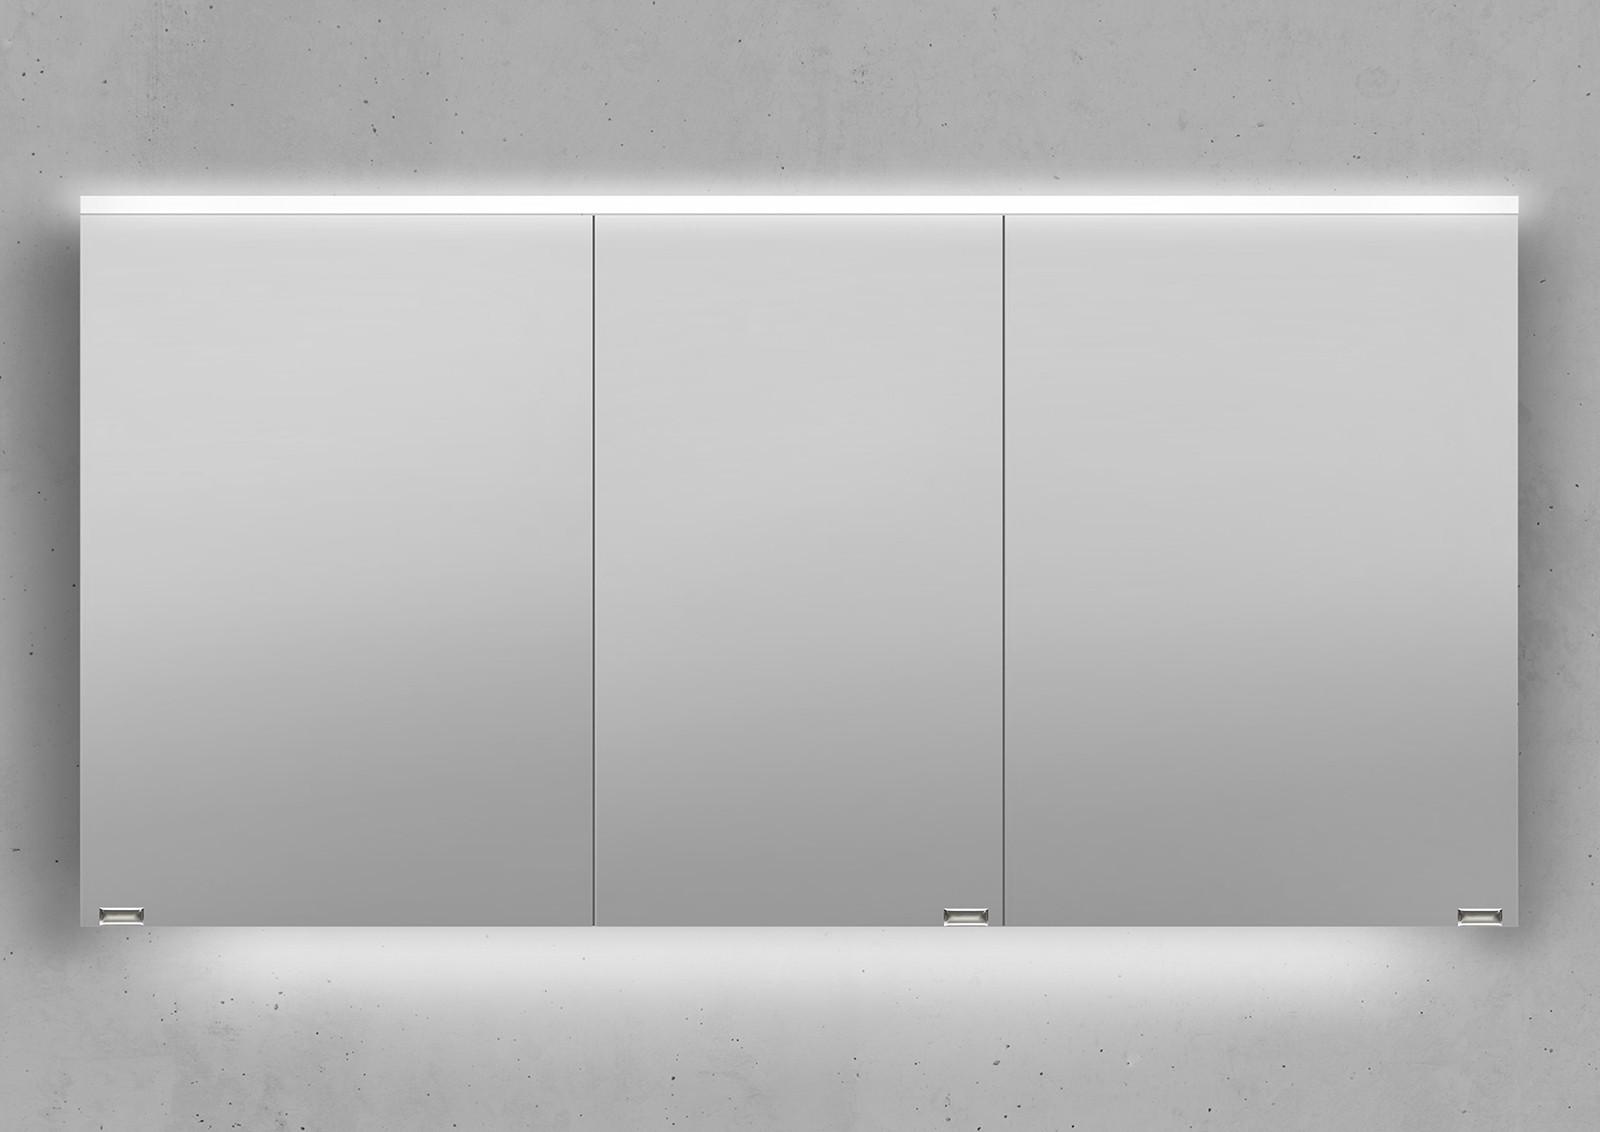 spiegelschrank 140 cm integrierte led beleuchtung doppelt verspiegelt. Black Bedroom Furniture Sets. Home Design Ideas